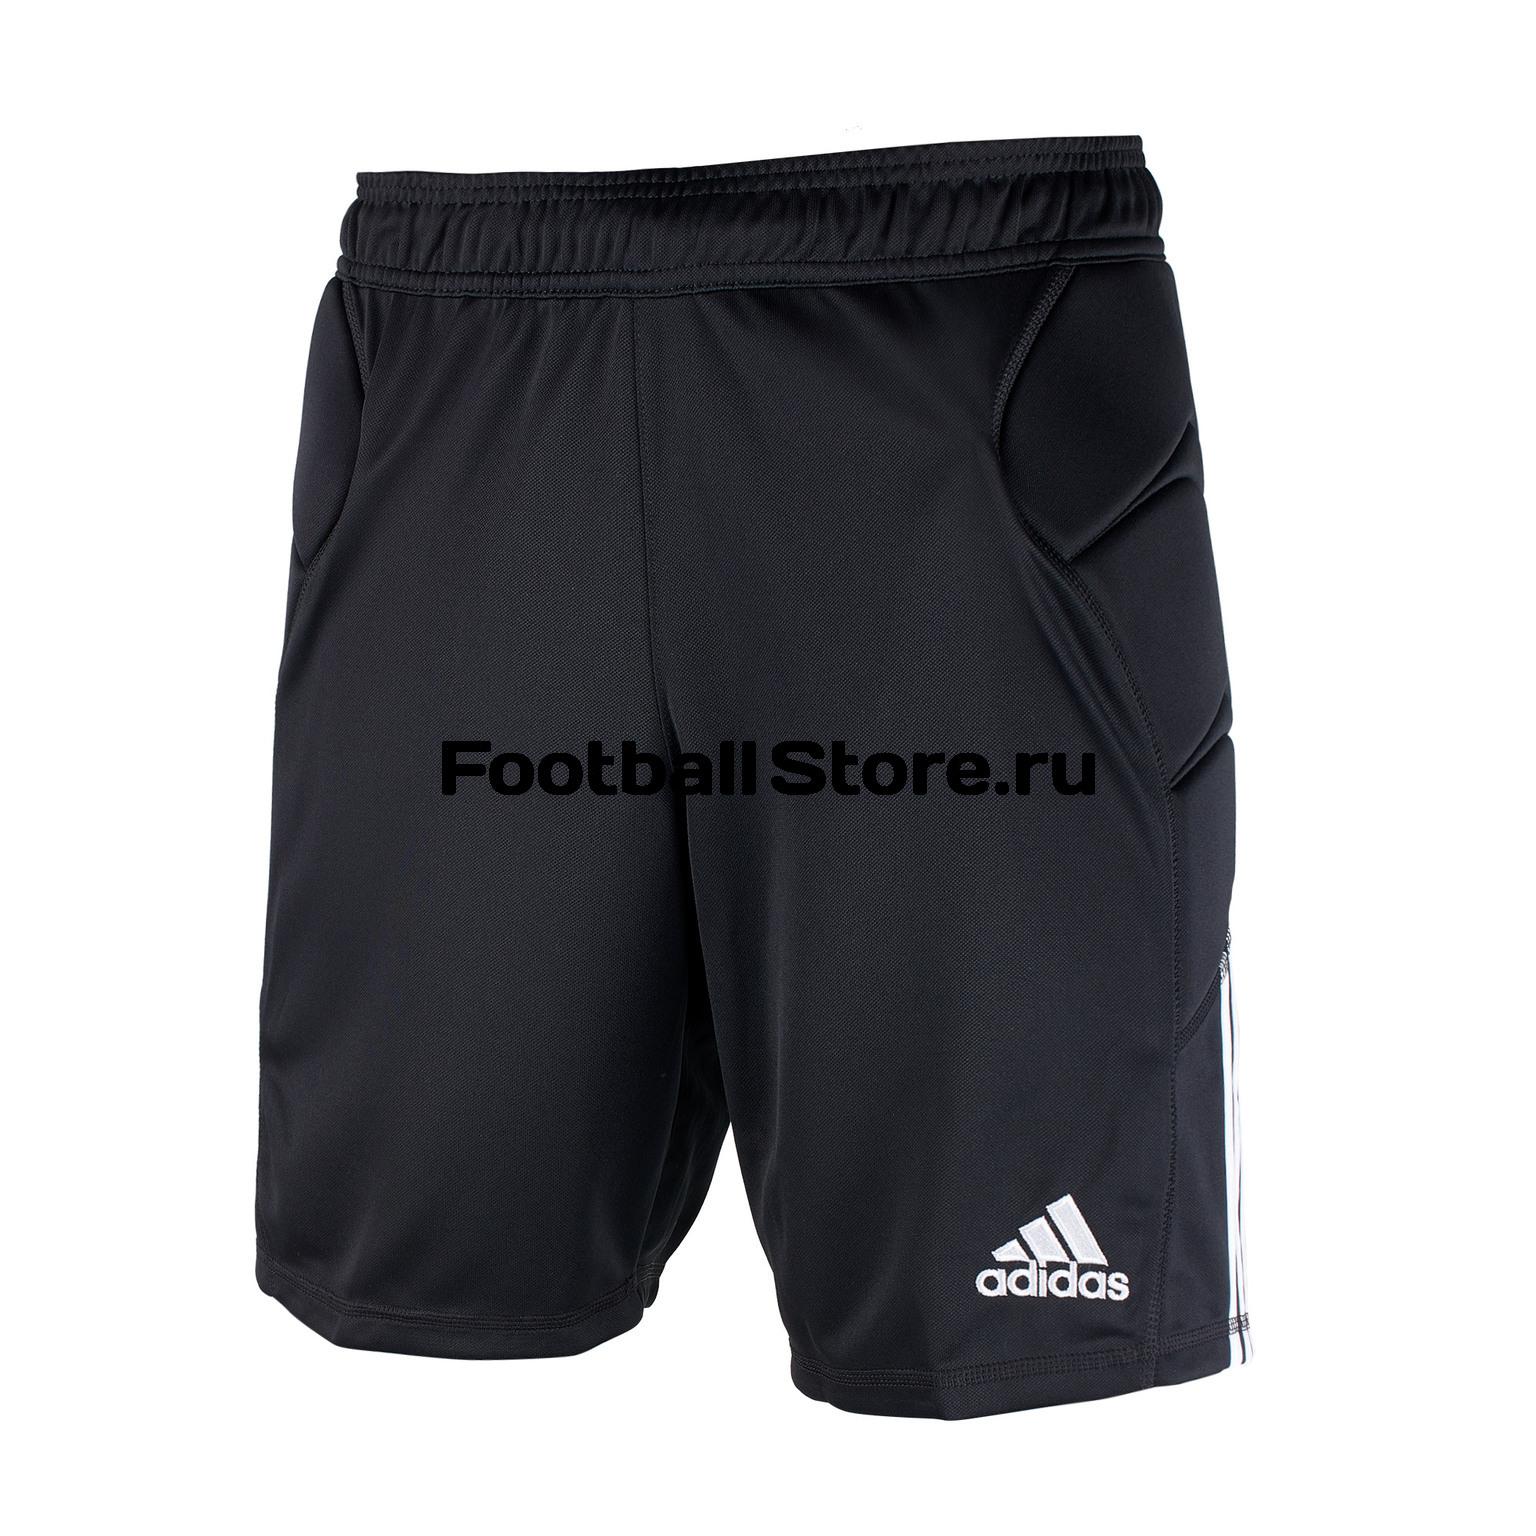 Футбольные Шорты вратарские Adidas Tierro13 Z11471 – купить в интернет  магазине footballstore, цена, фото 40c2f3fc0ed